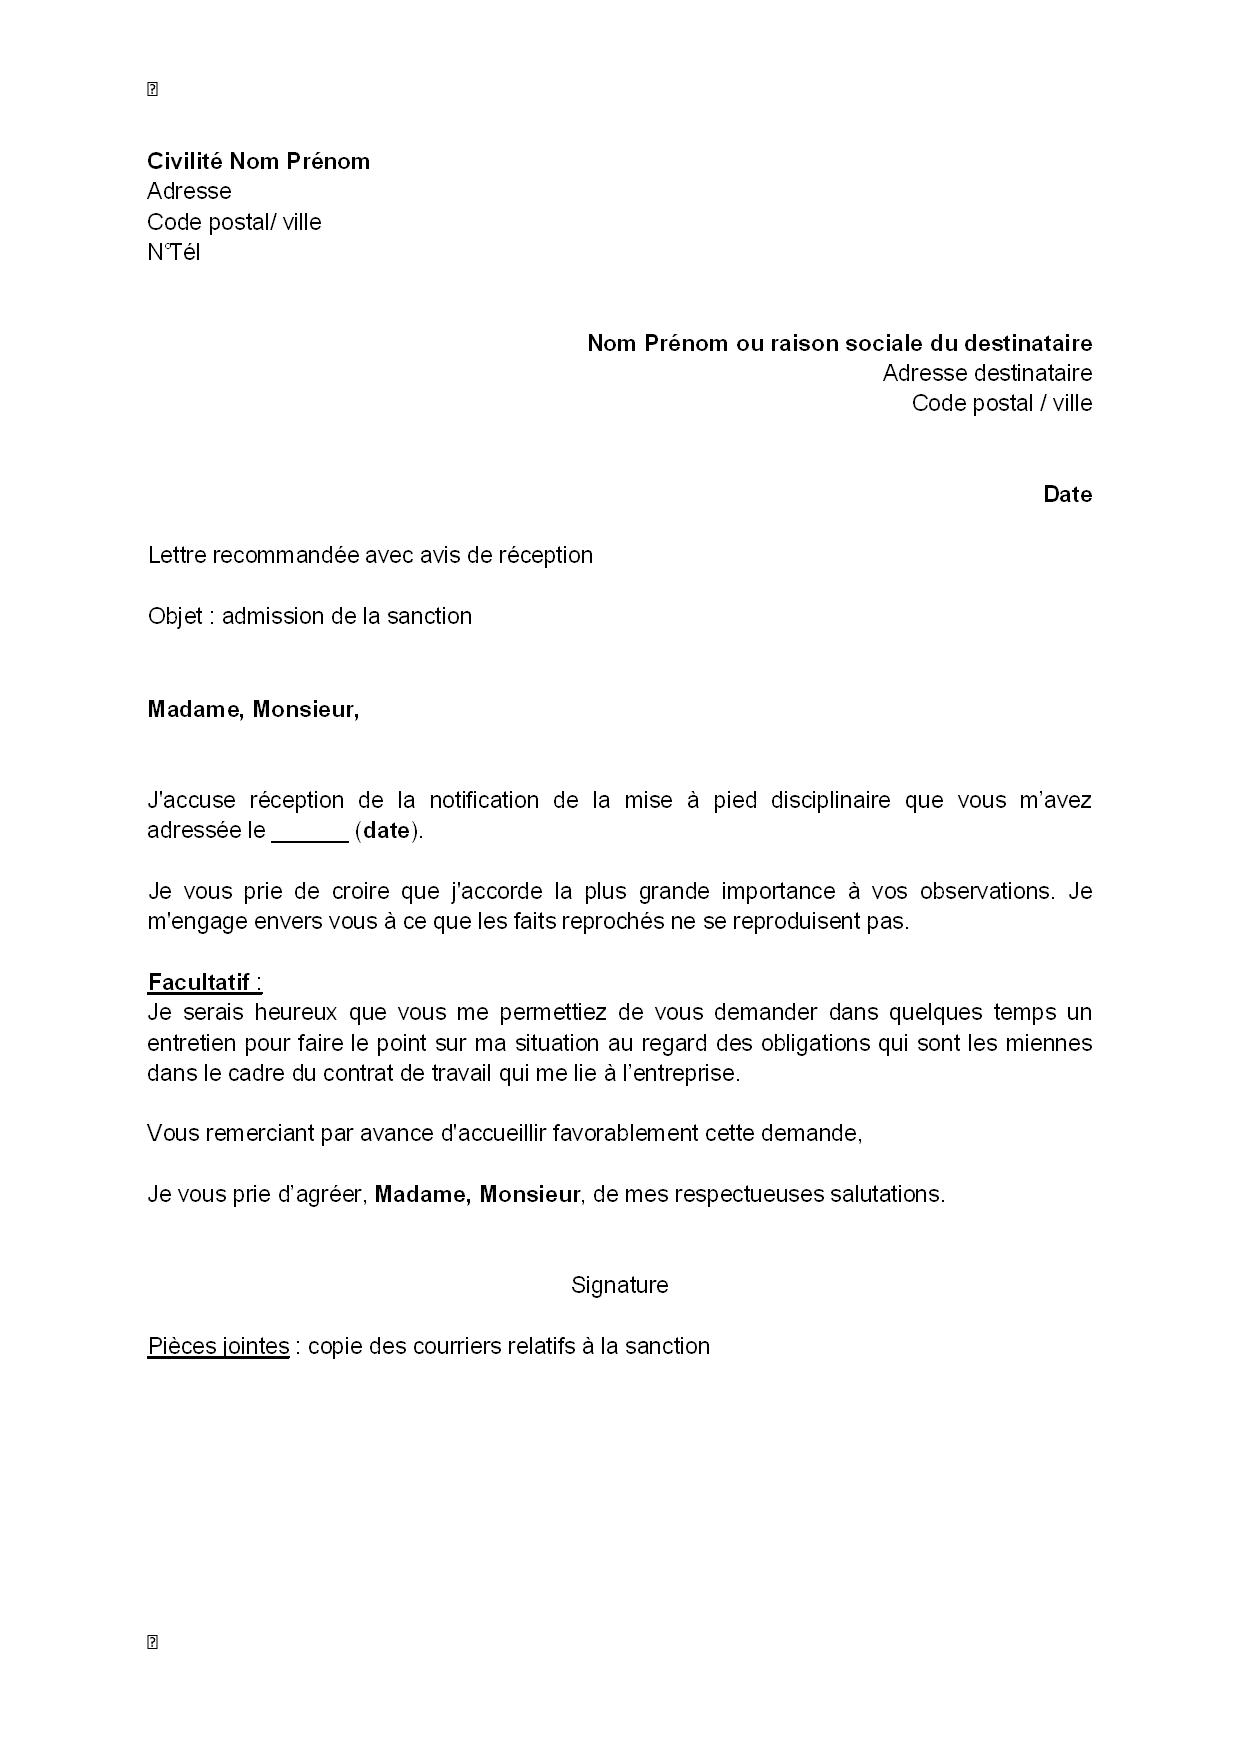 exemple gratuit de lettre accus u00e9 r u00e9ception mise  u00e0 pied disciplinaire   admission sanction